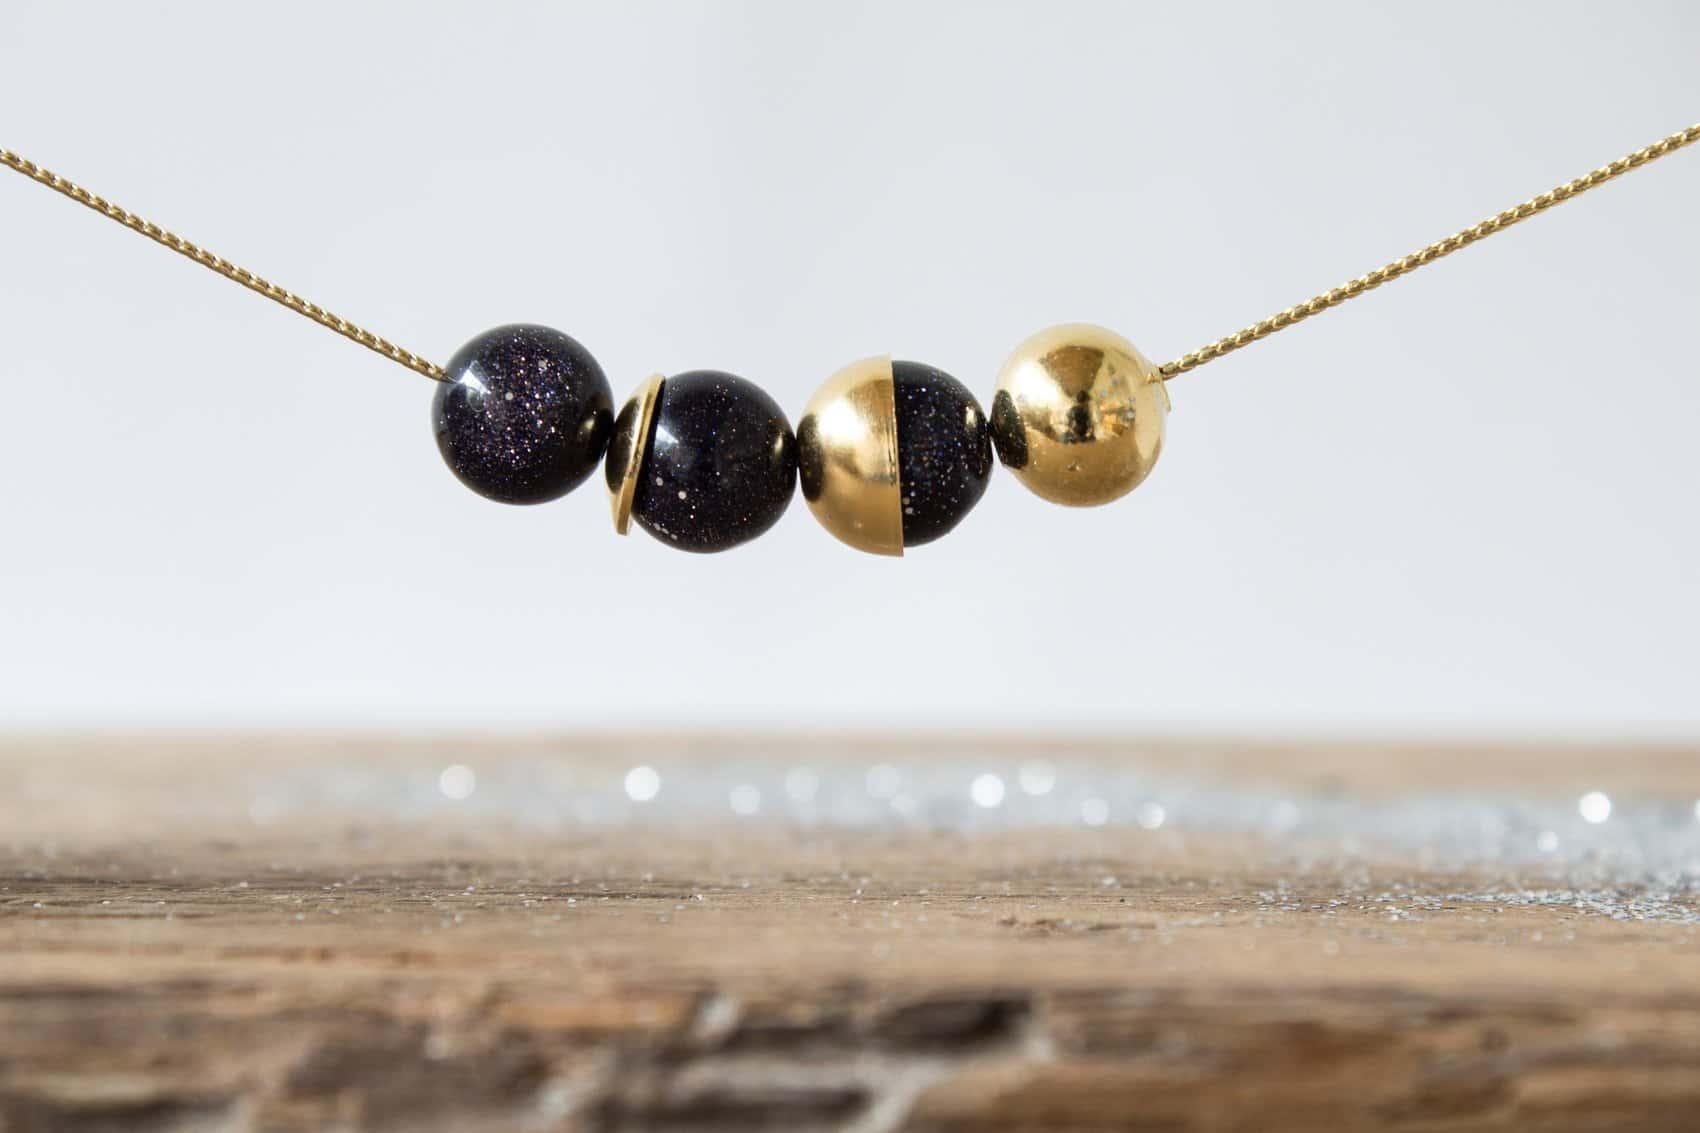 Lunar Colgante/Necklace